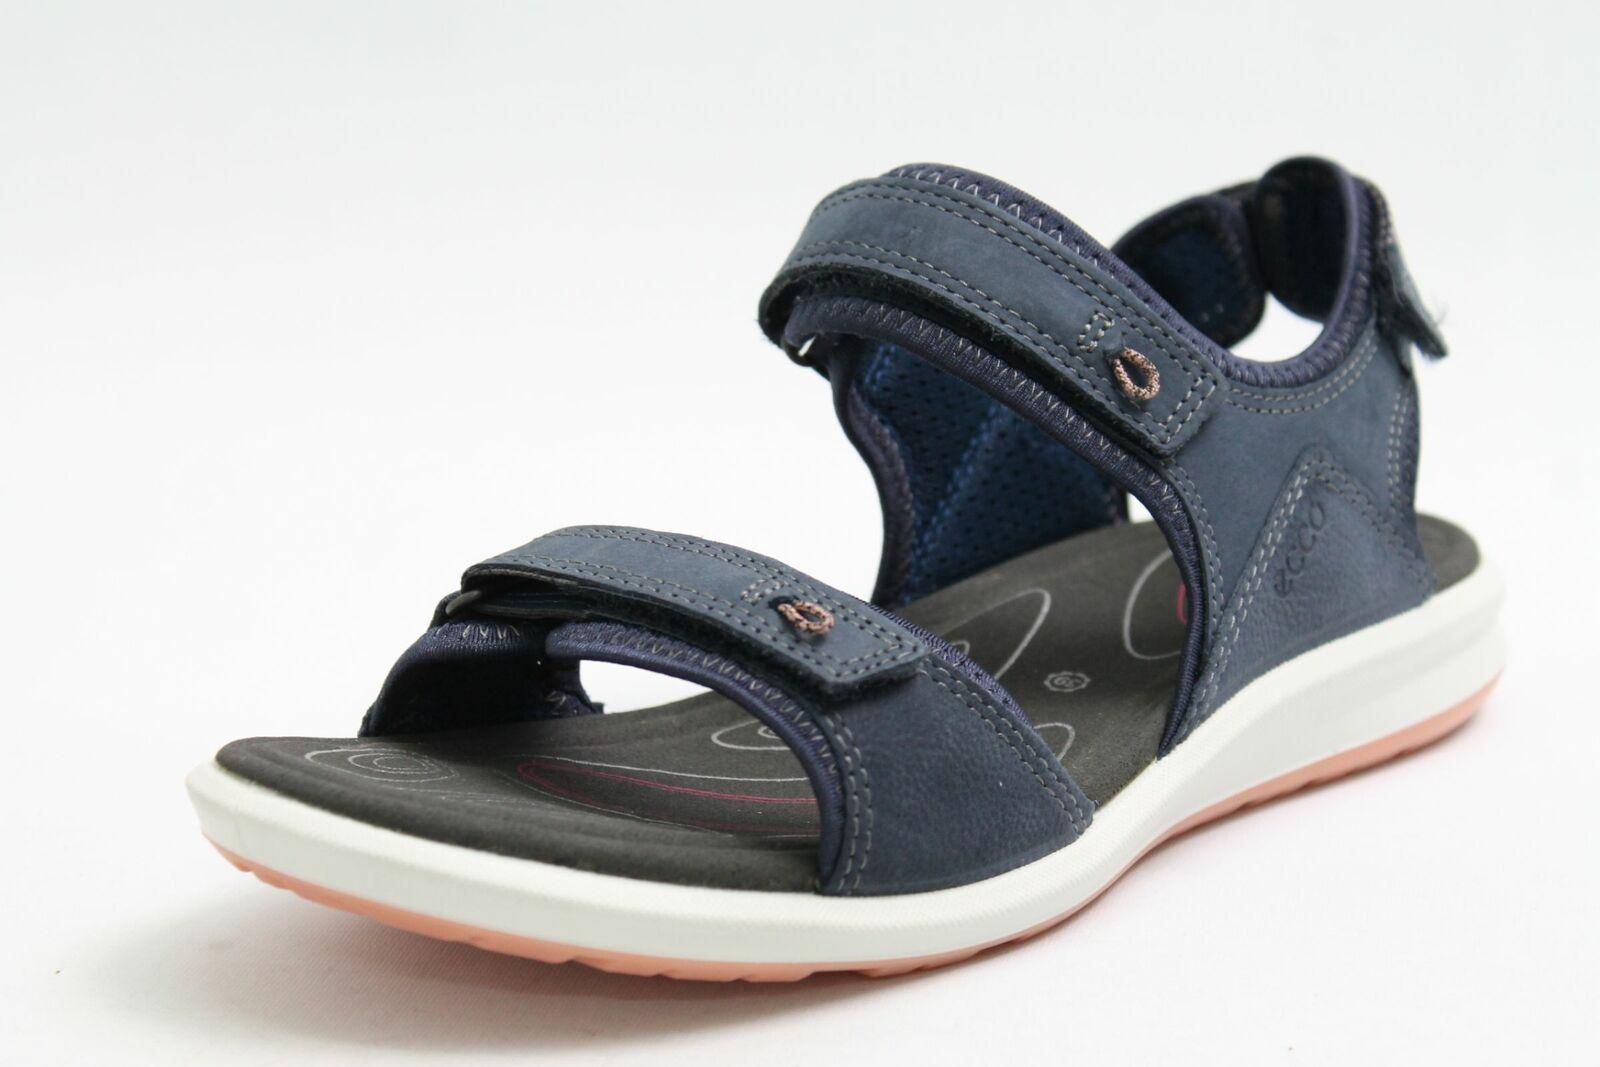 Ecco sandalias de cuero azul velcro confort plantilla señora